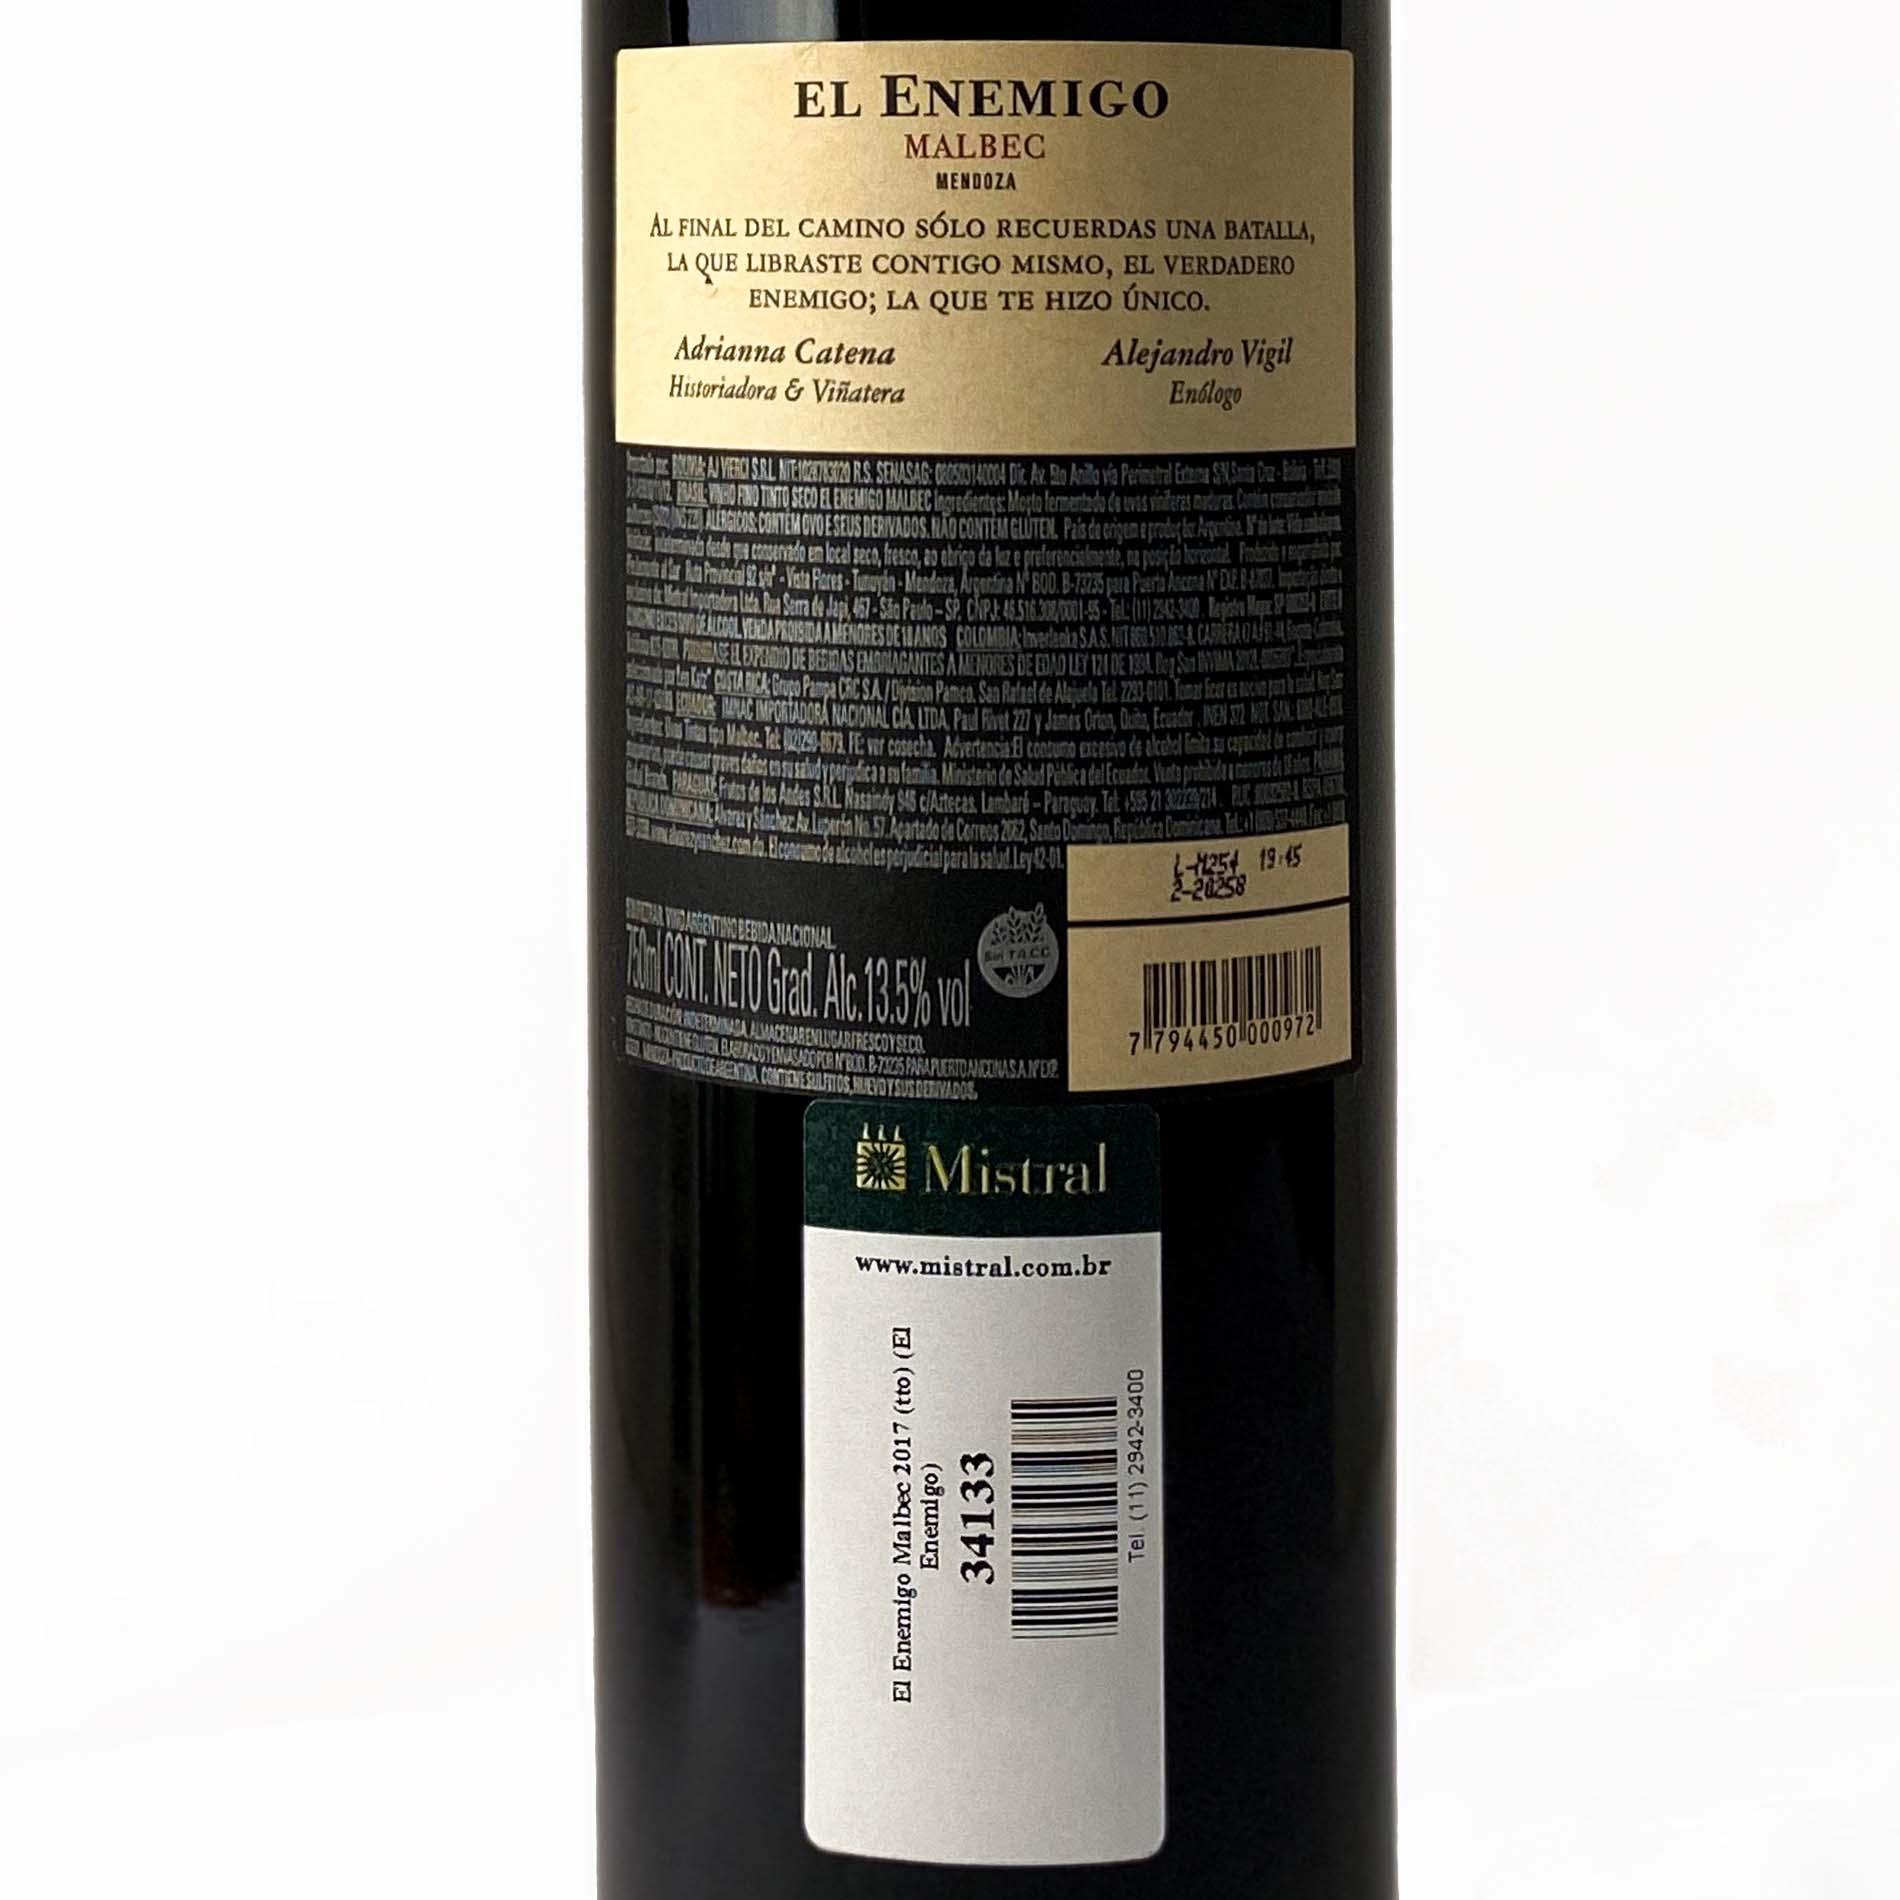 El Enemigo Malbec  - Vinerize